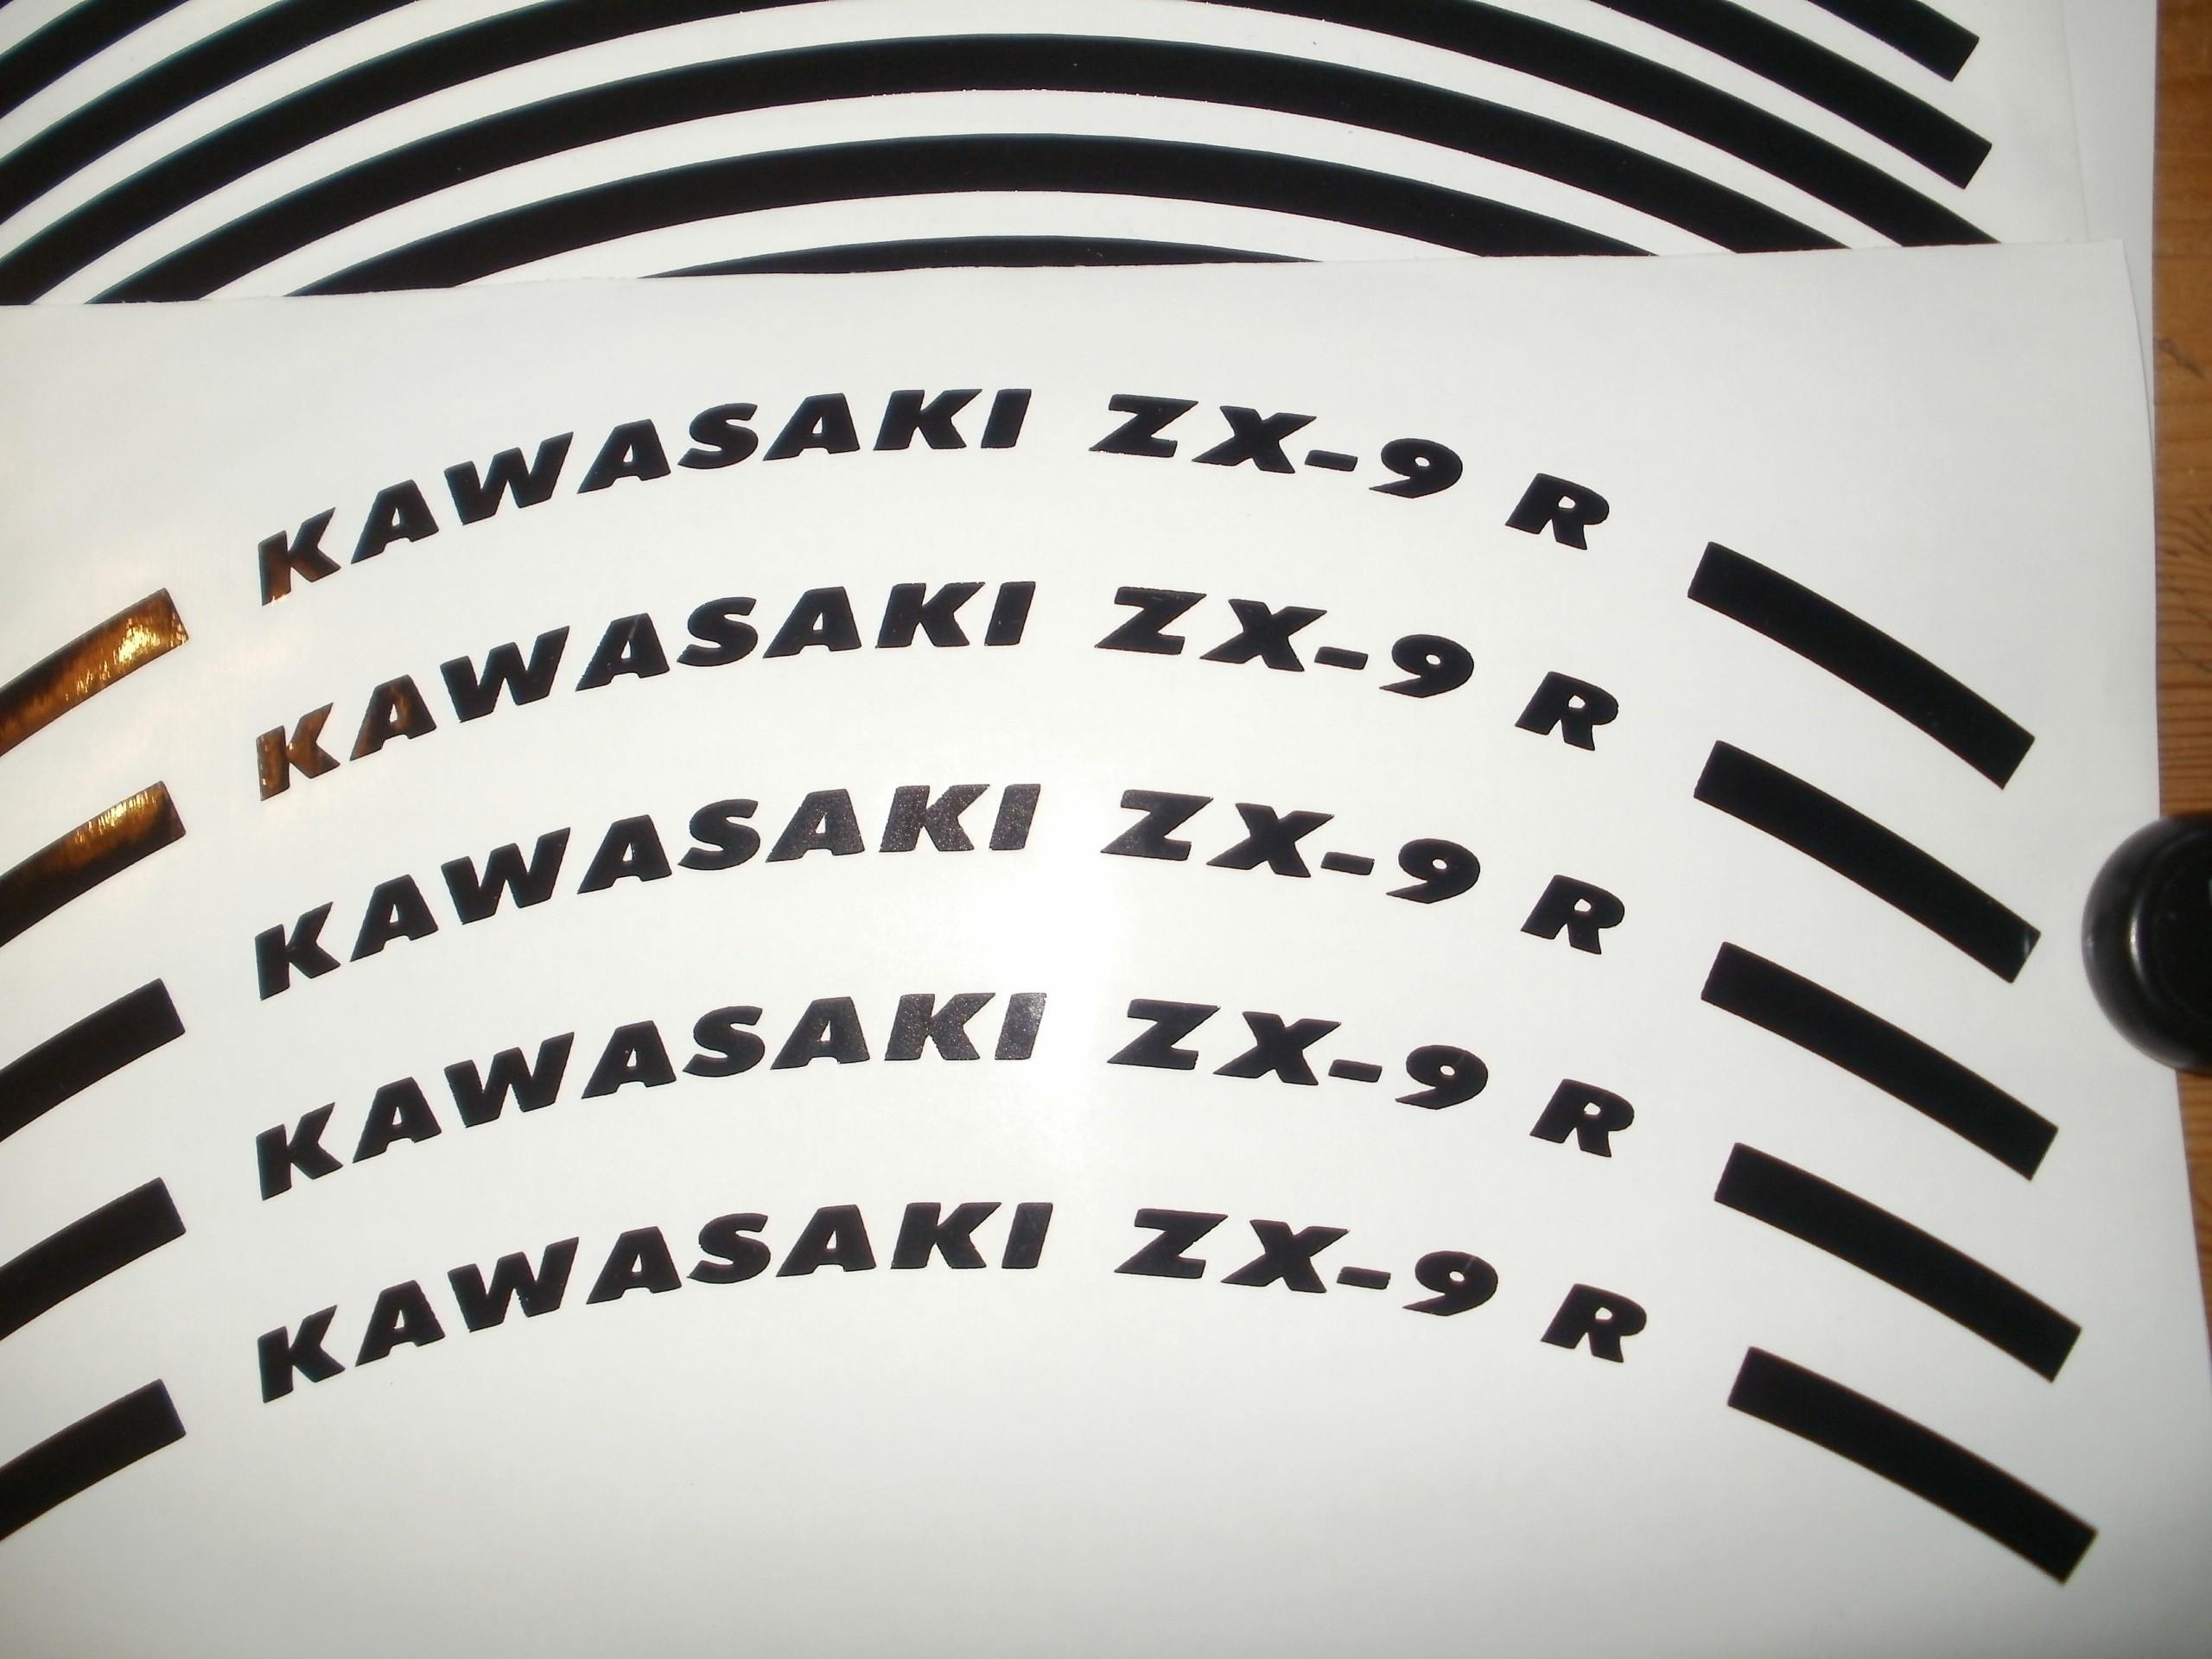 Felgenrandaufkleber Kawasaki ZX-9 R Schwarz